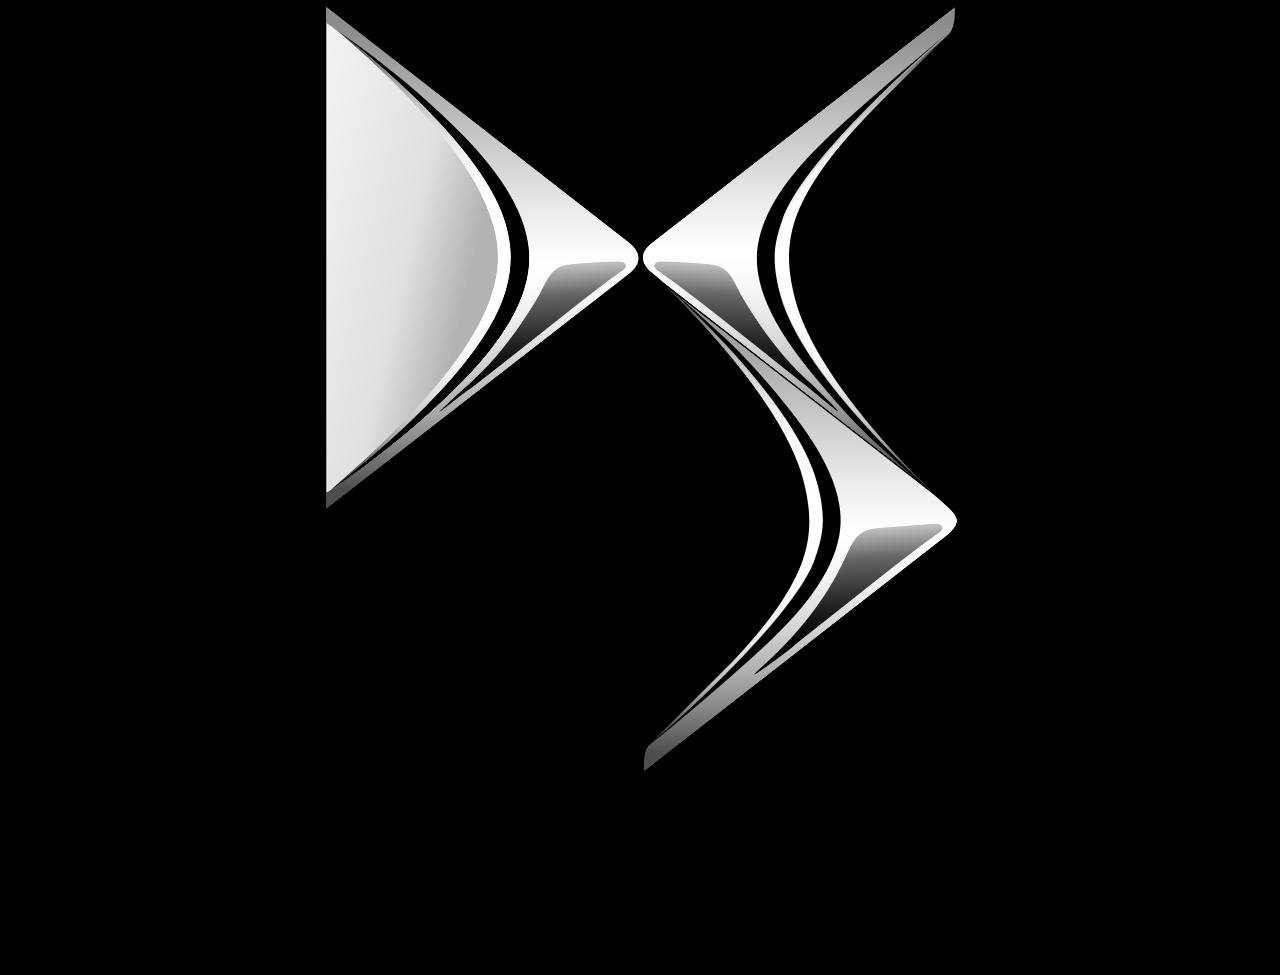 1280px-DS_Automobiles_logo.svg